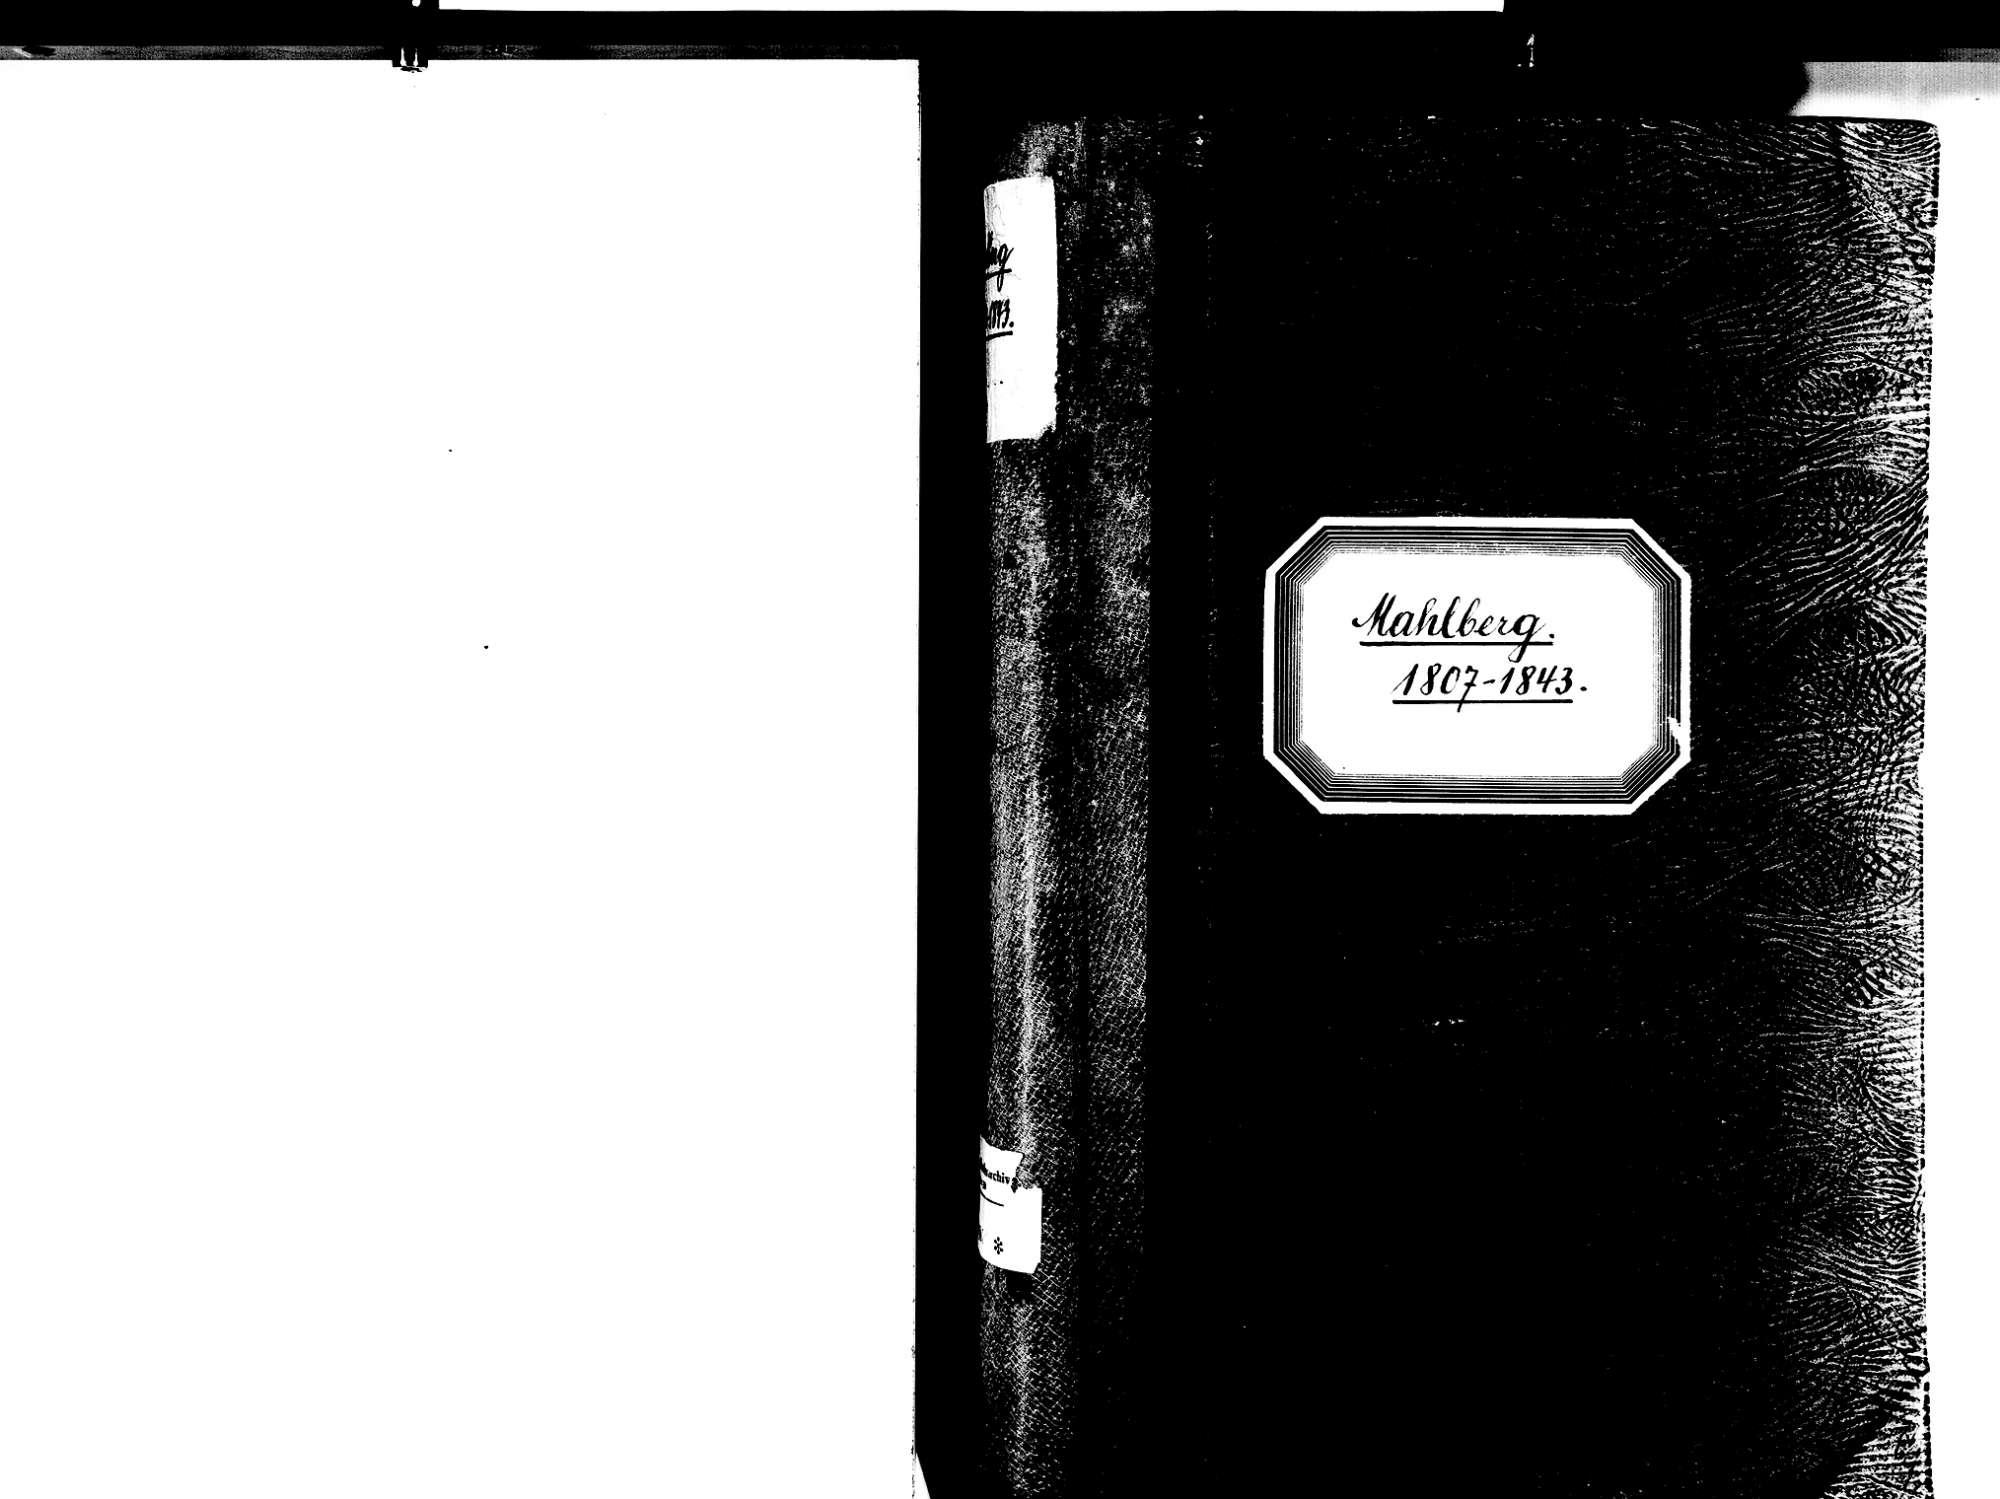 Mahlberg OG; Evangelische Gemeinde: Standesbuch 1807-1843, Bild 2